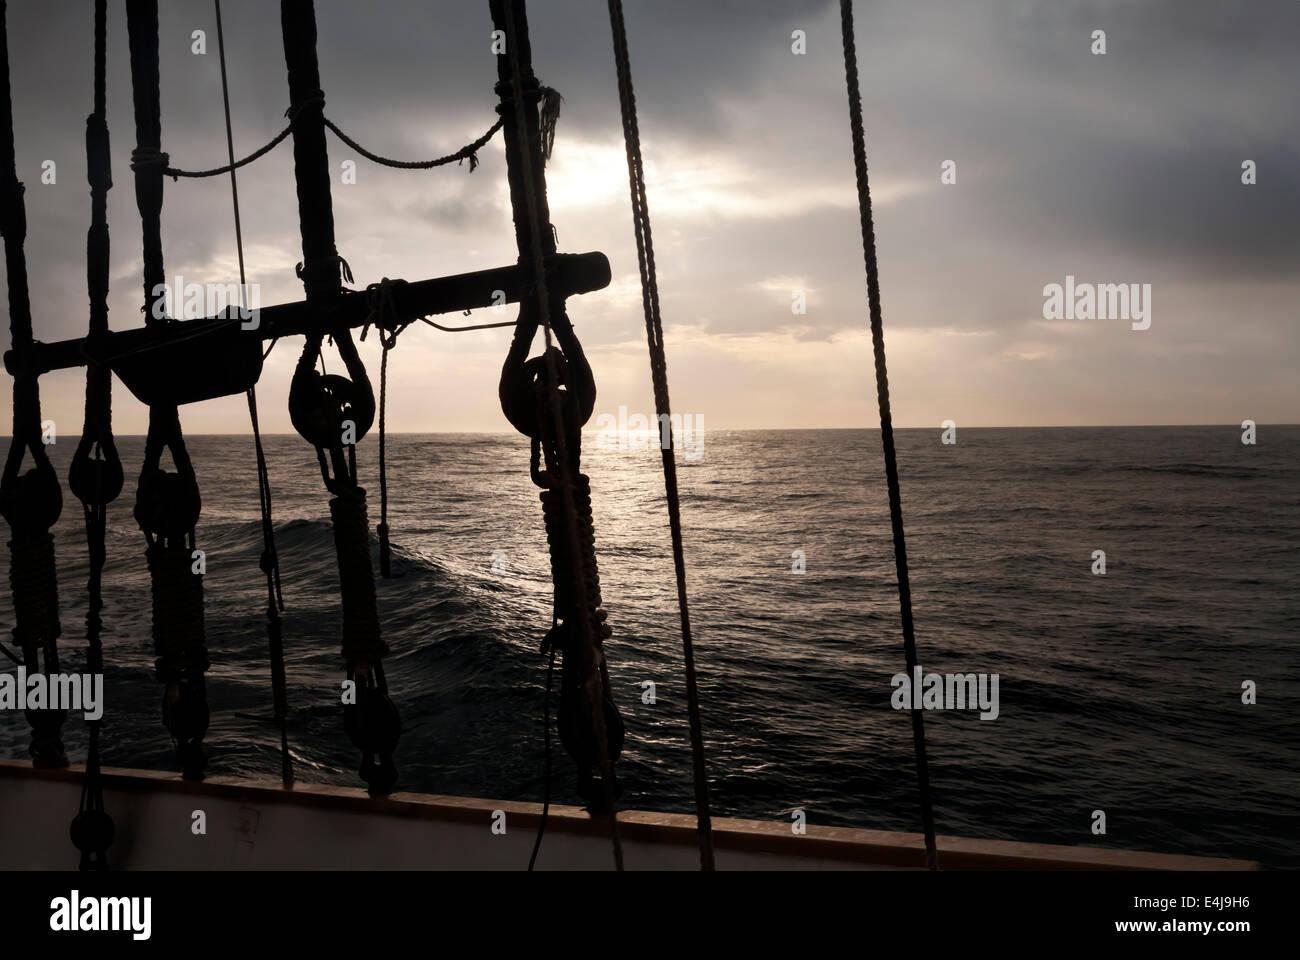 Navigation rigging at sunrise - Stock Image